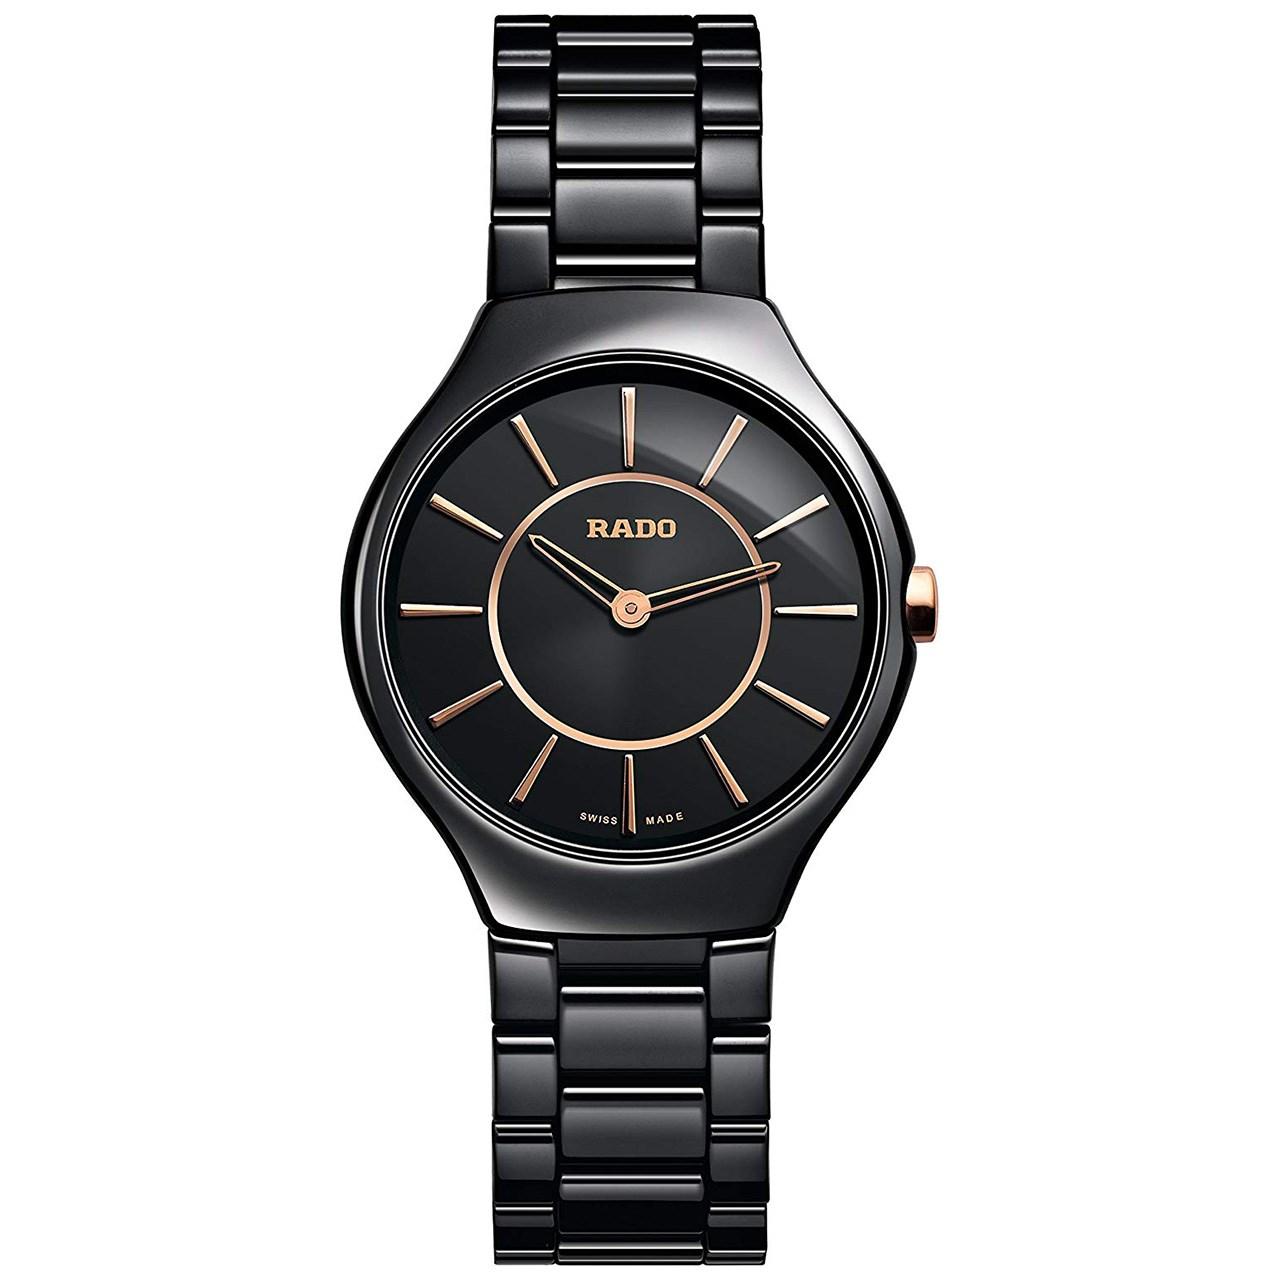 ساعت مچی عقربه ای زنانه رادو مدل 420.0742.3.015